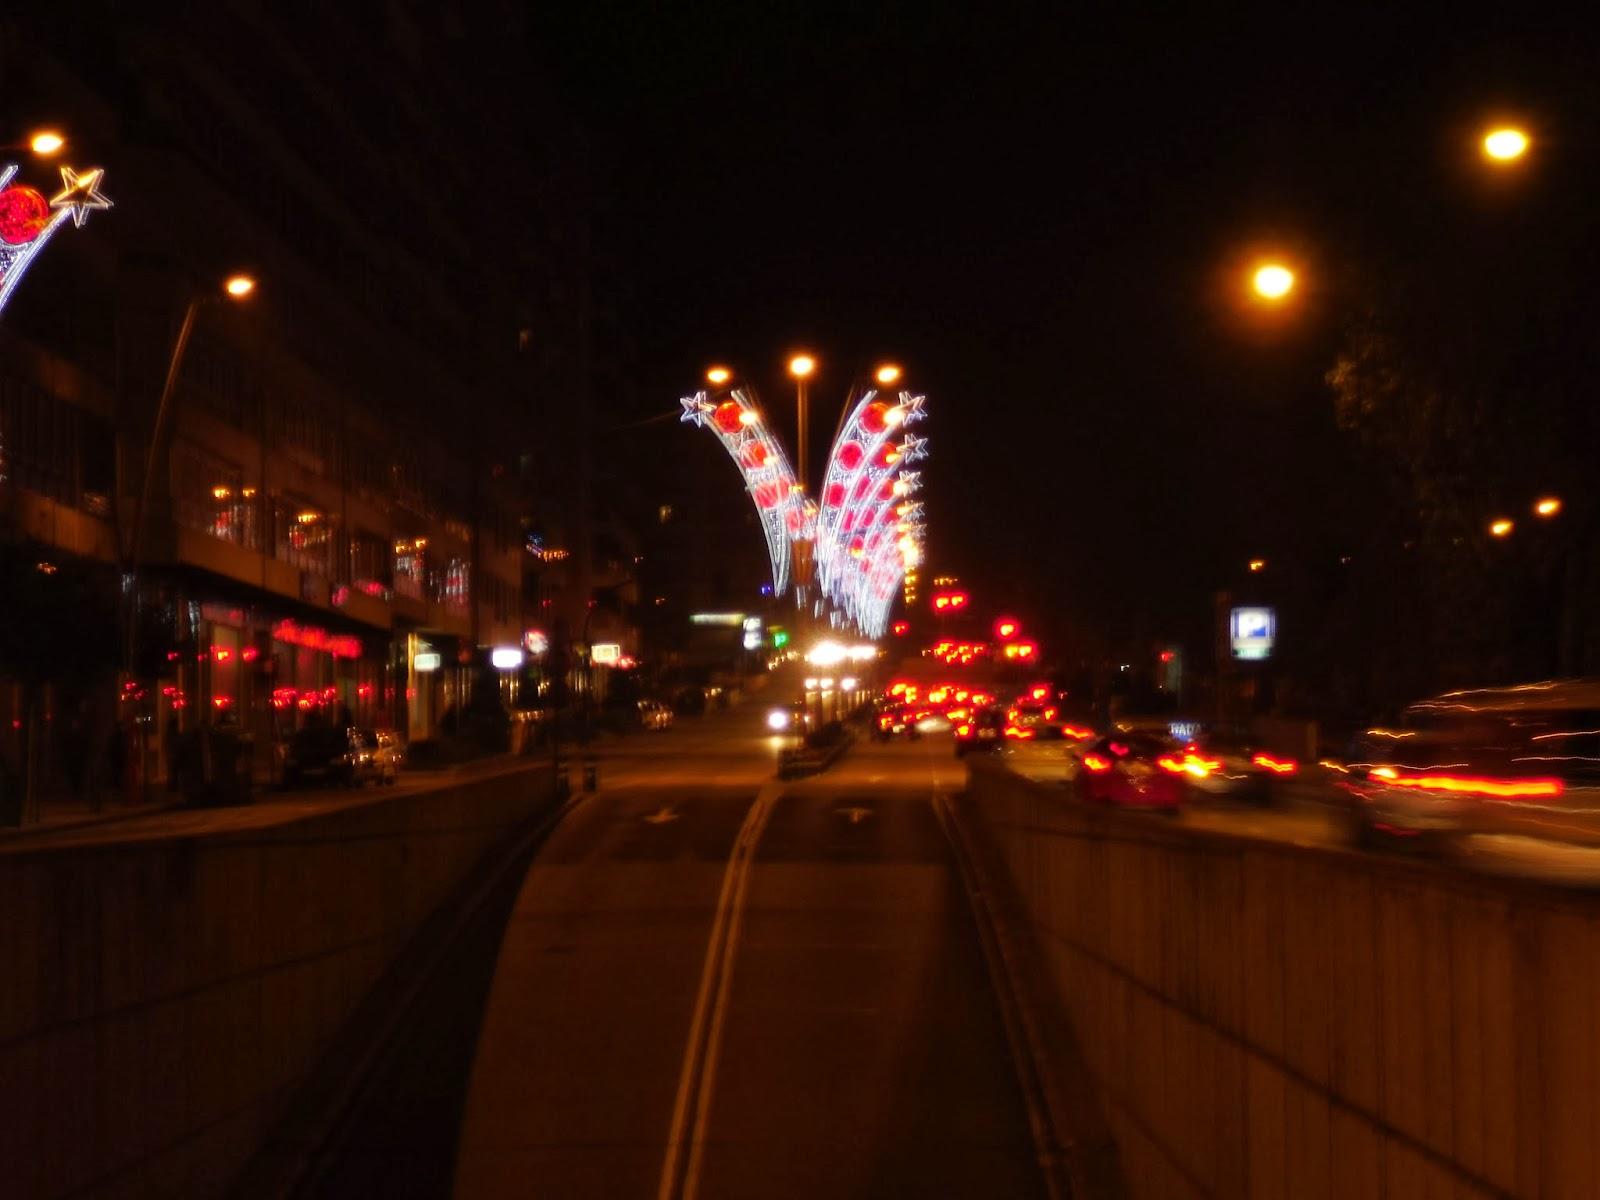 El vigo oculto las luces de navidad iii - Luces de navidad ...